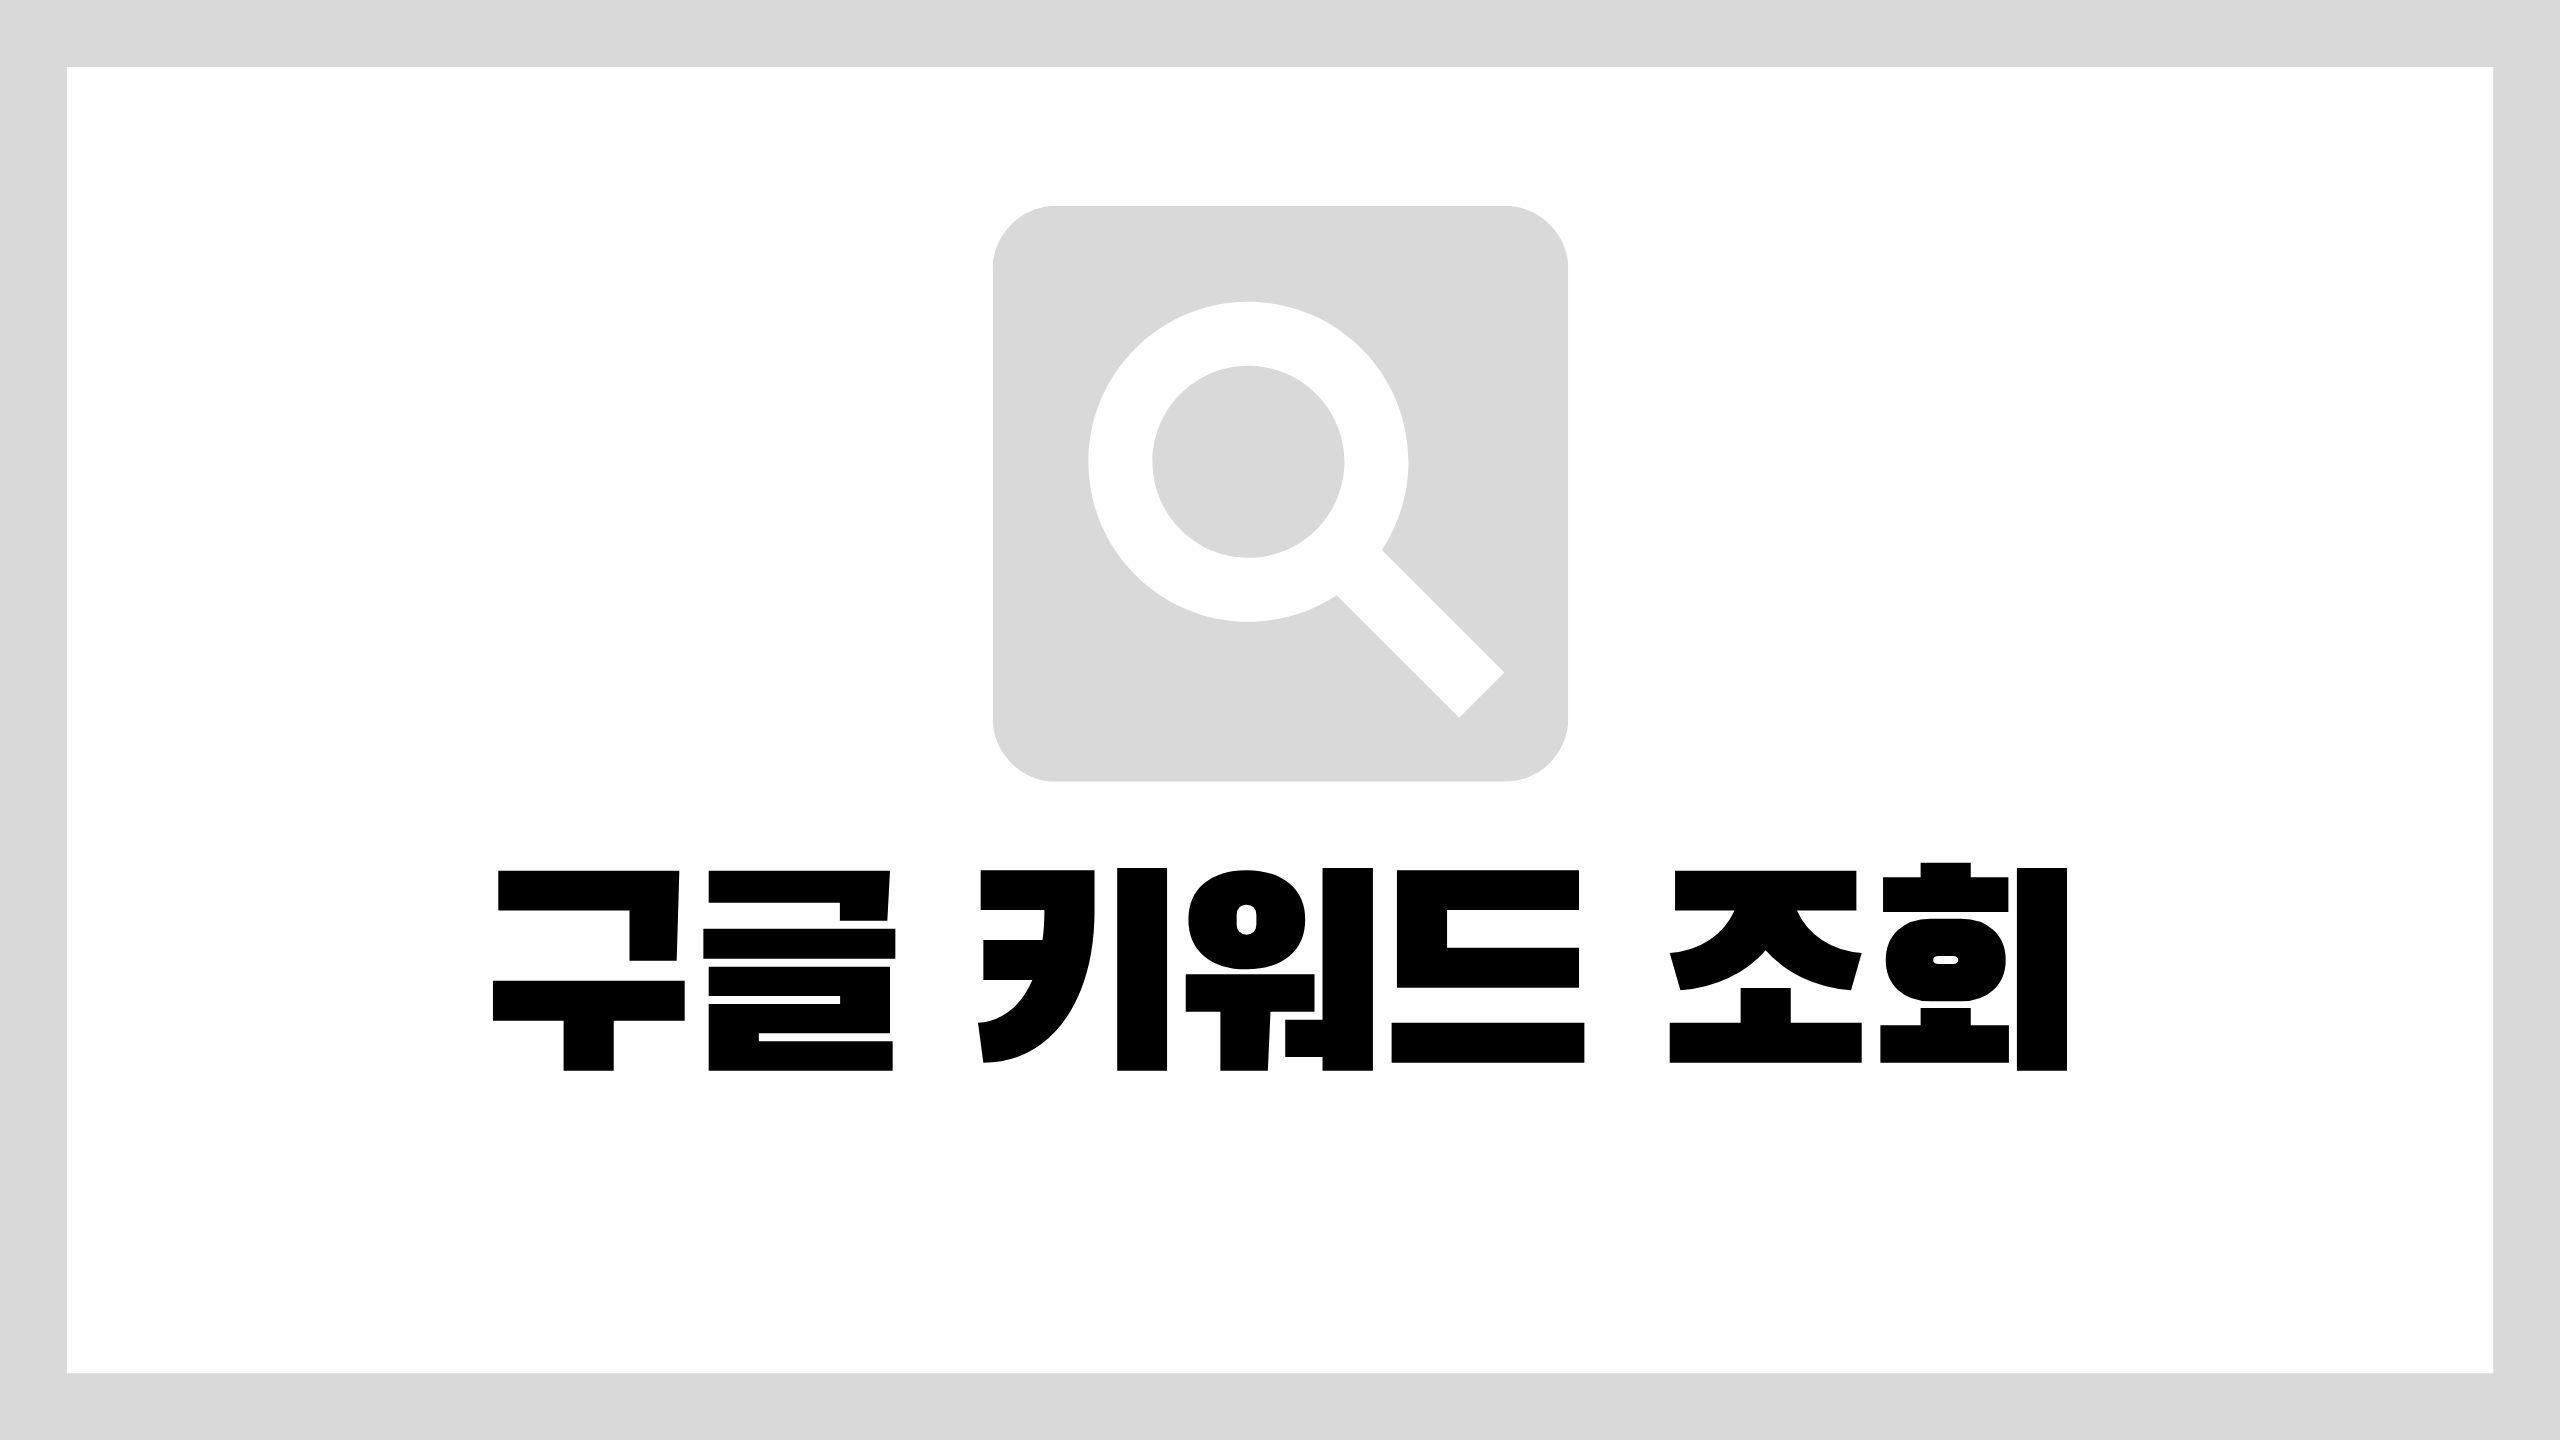 구글 키워드 검색량 조회 및 확인 방법